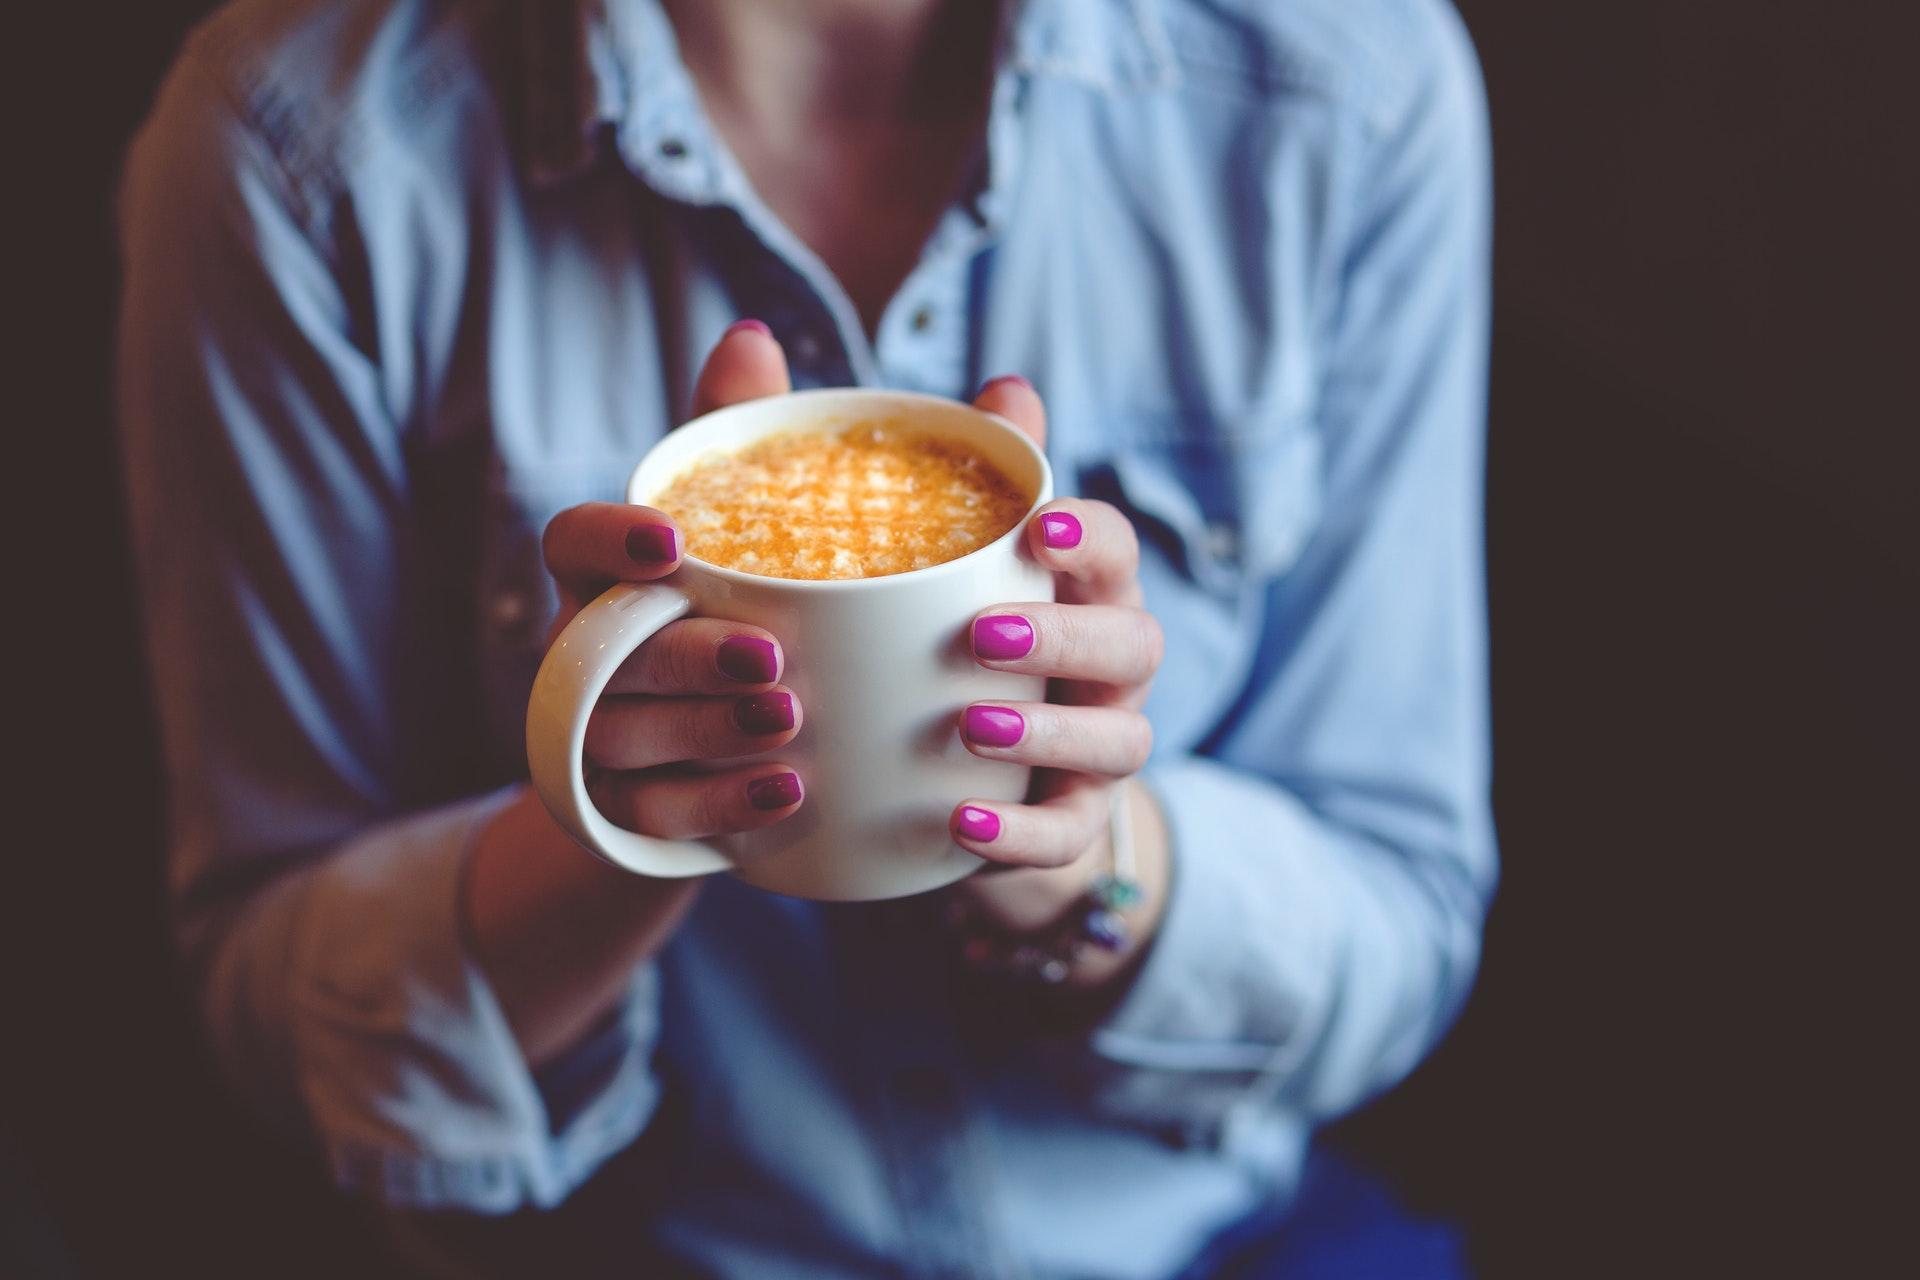 コーヒーを手にする女性